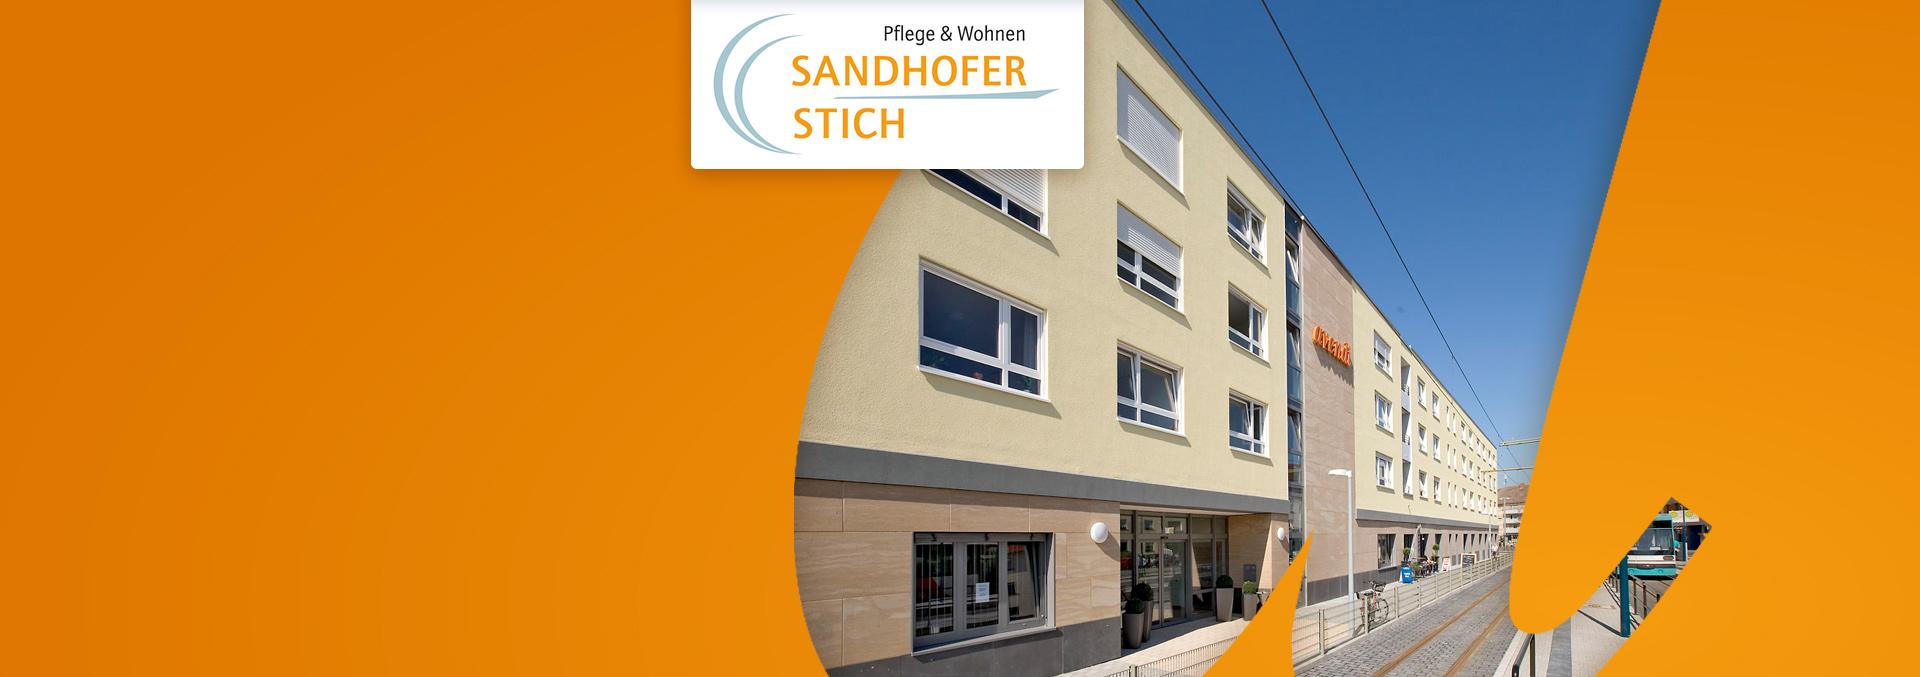 Pflege und Wohnen Sandhofer Stich: Blick auf den Eingang, die Straßenbahn hält in unmittelbarer Nähe.